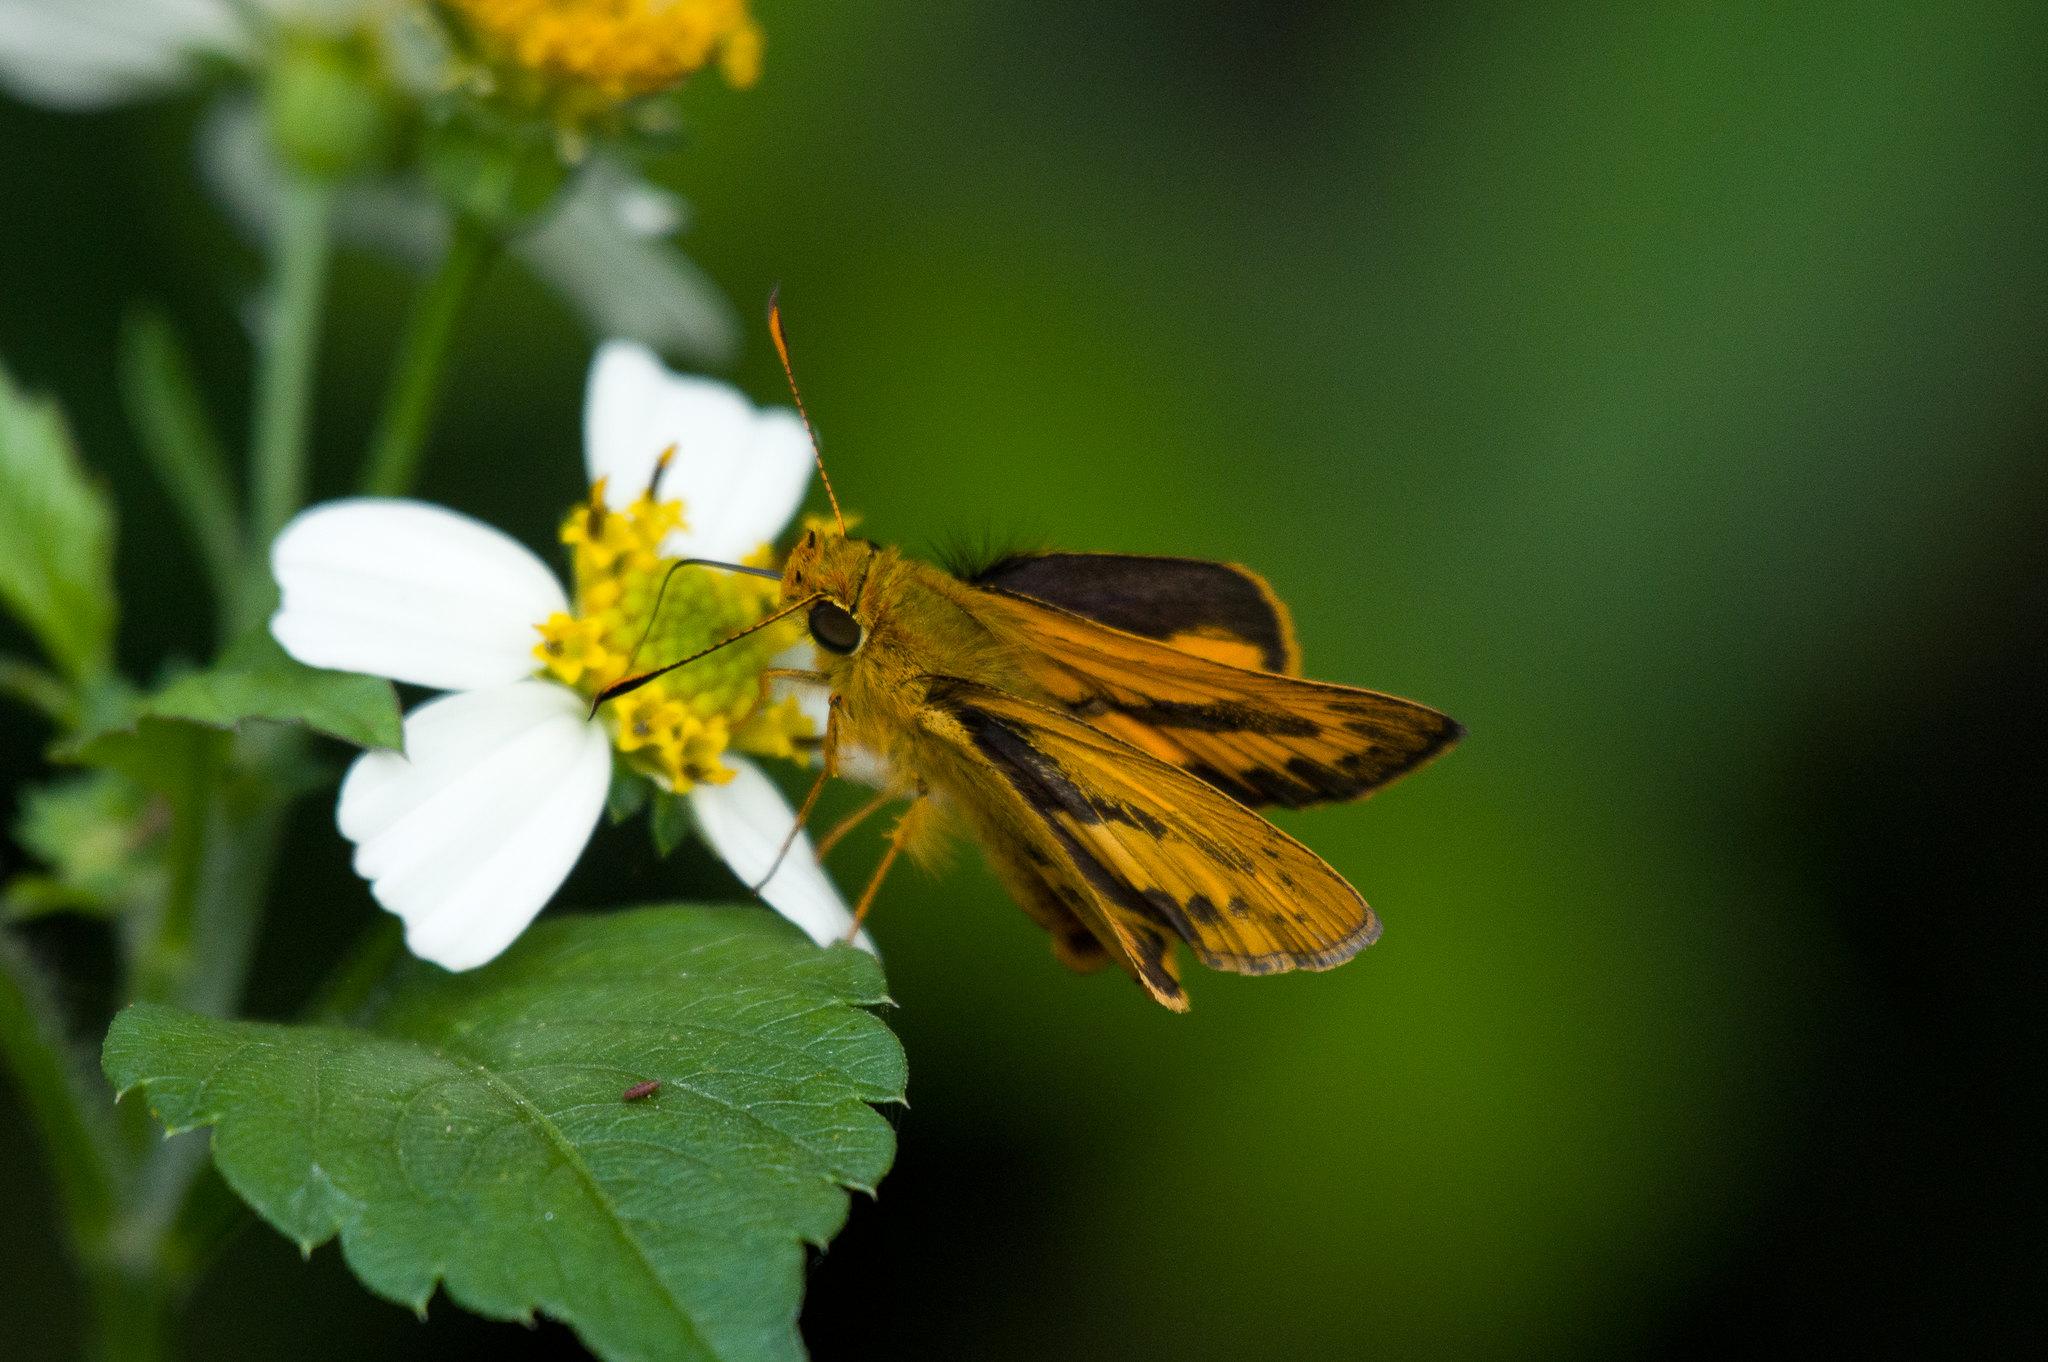 試鏡頭之弄蝶和紅嘴黑鵯